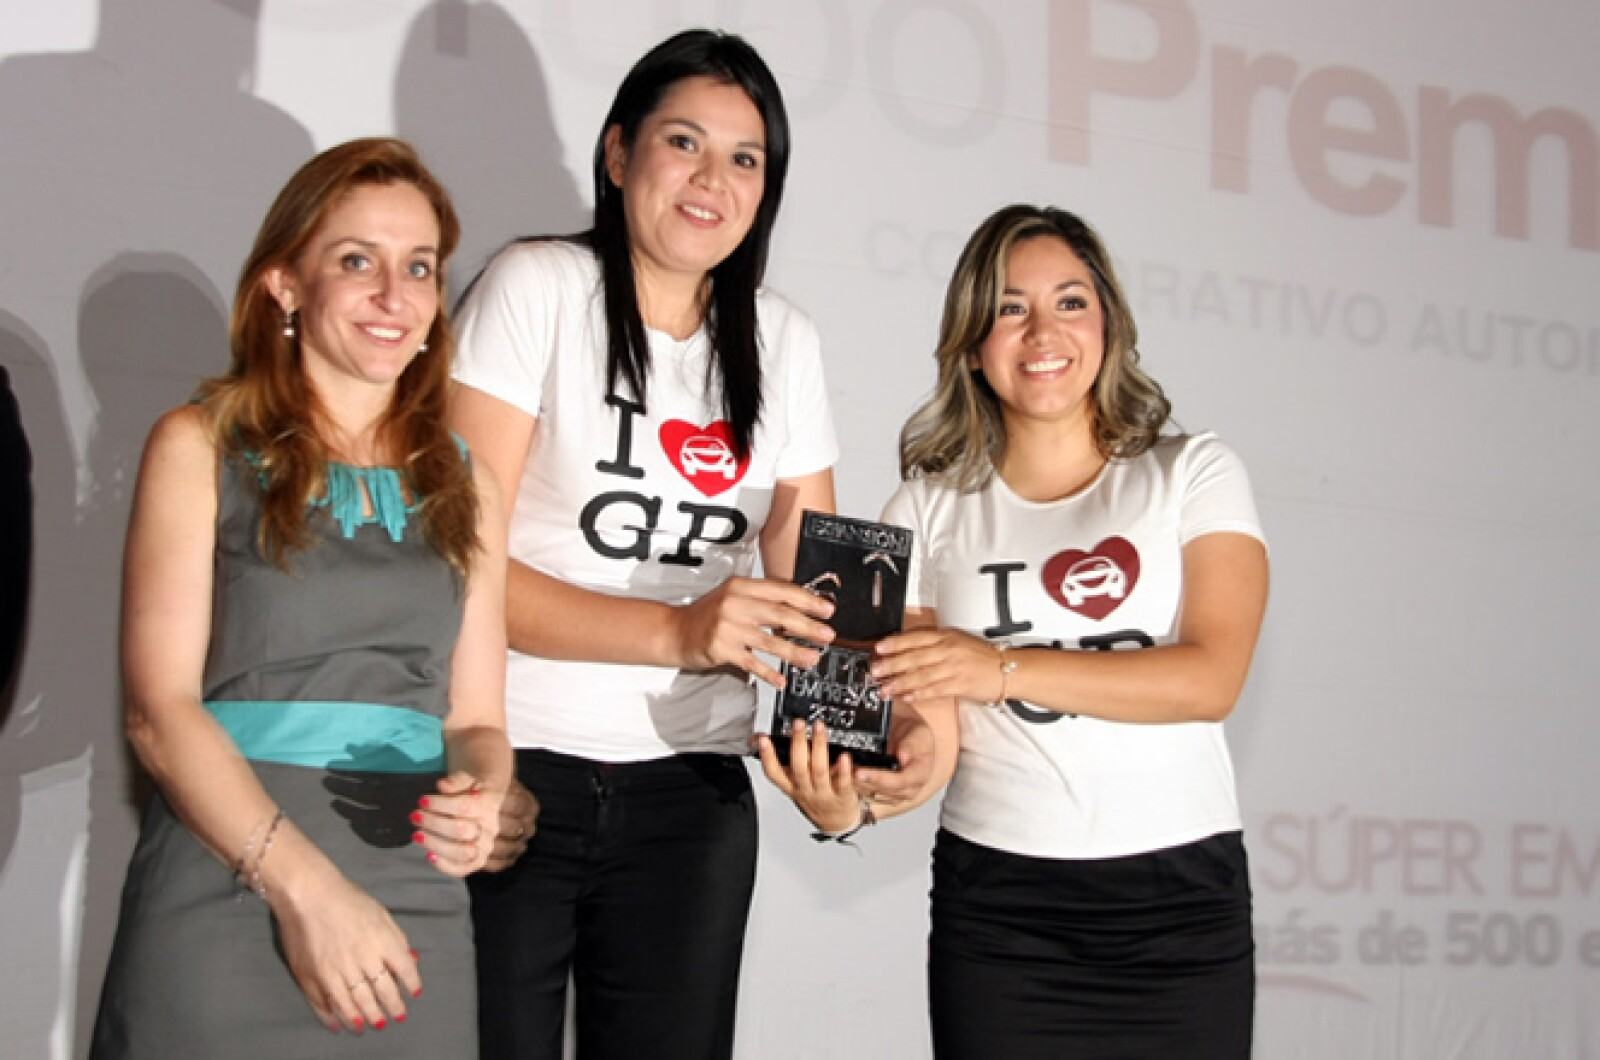 Las representantes de Grupo Premier Automotriz se pusieron la camiseta al recibir su premio.